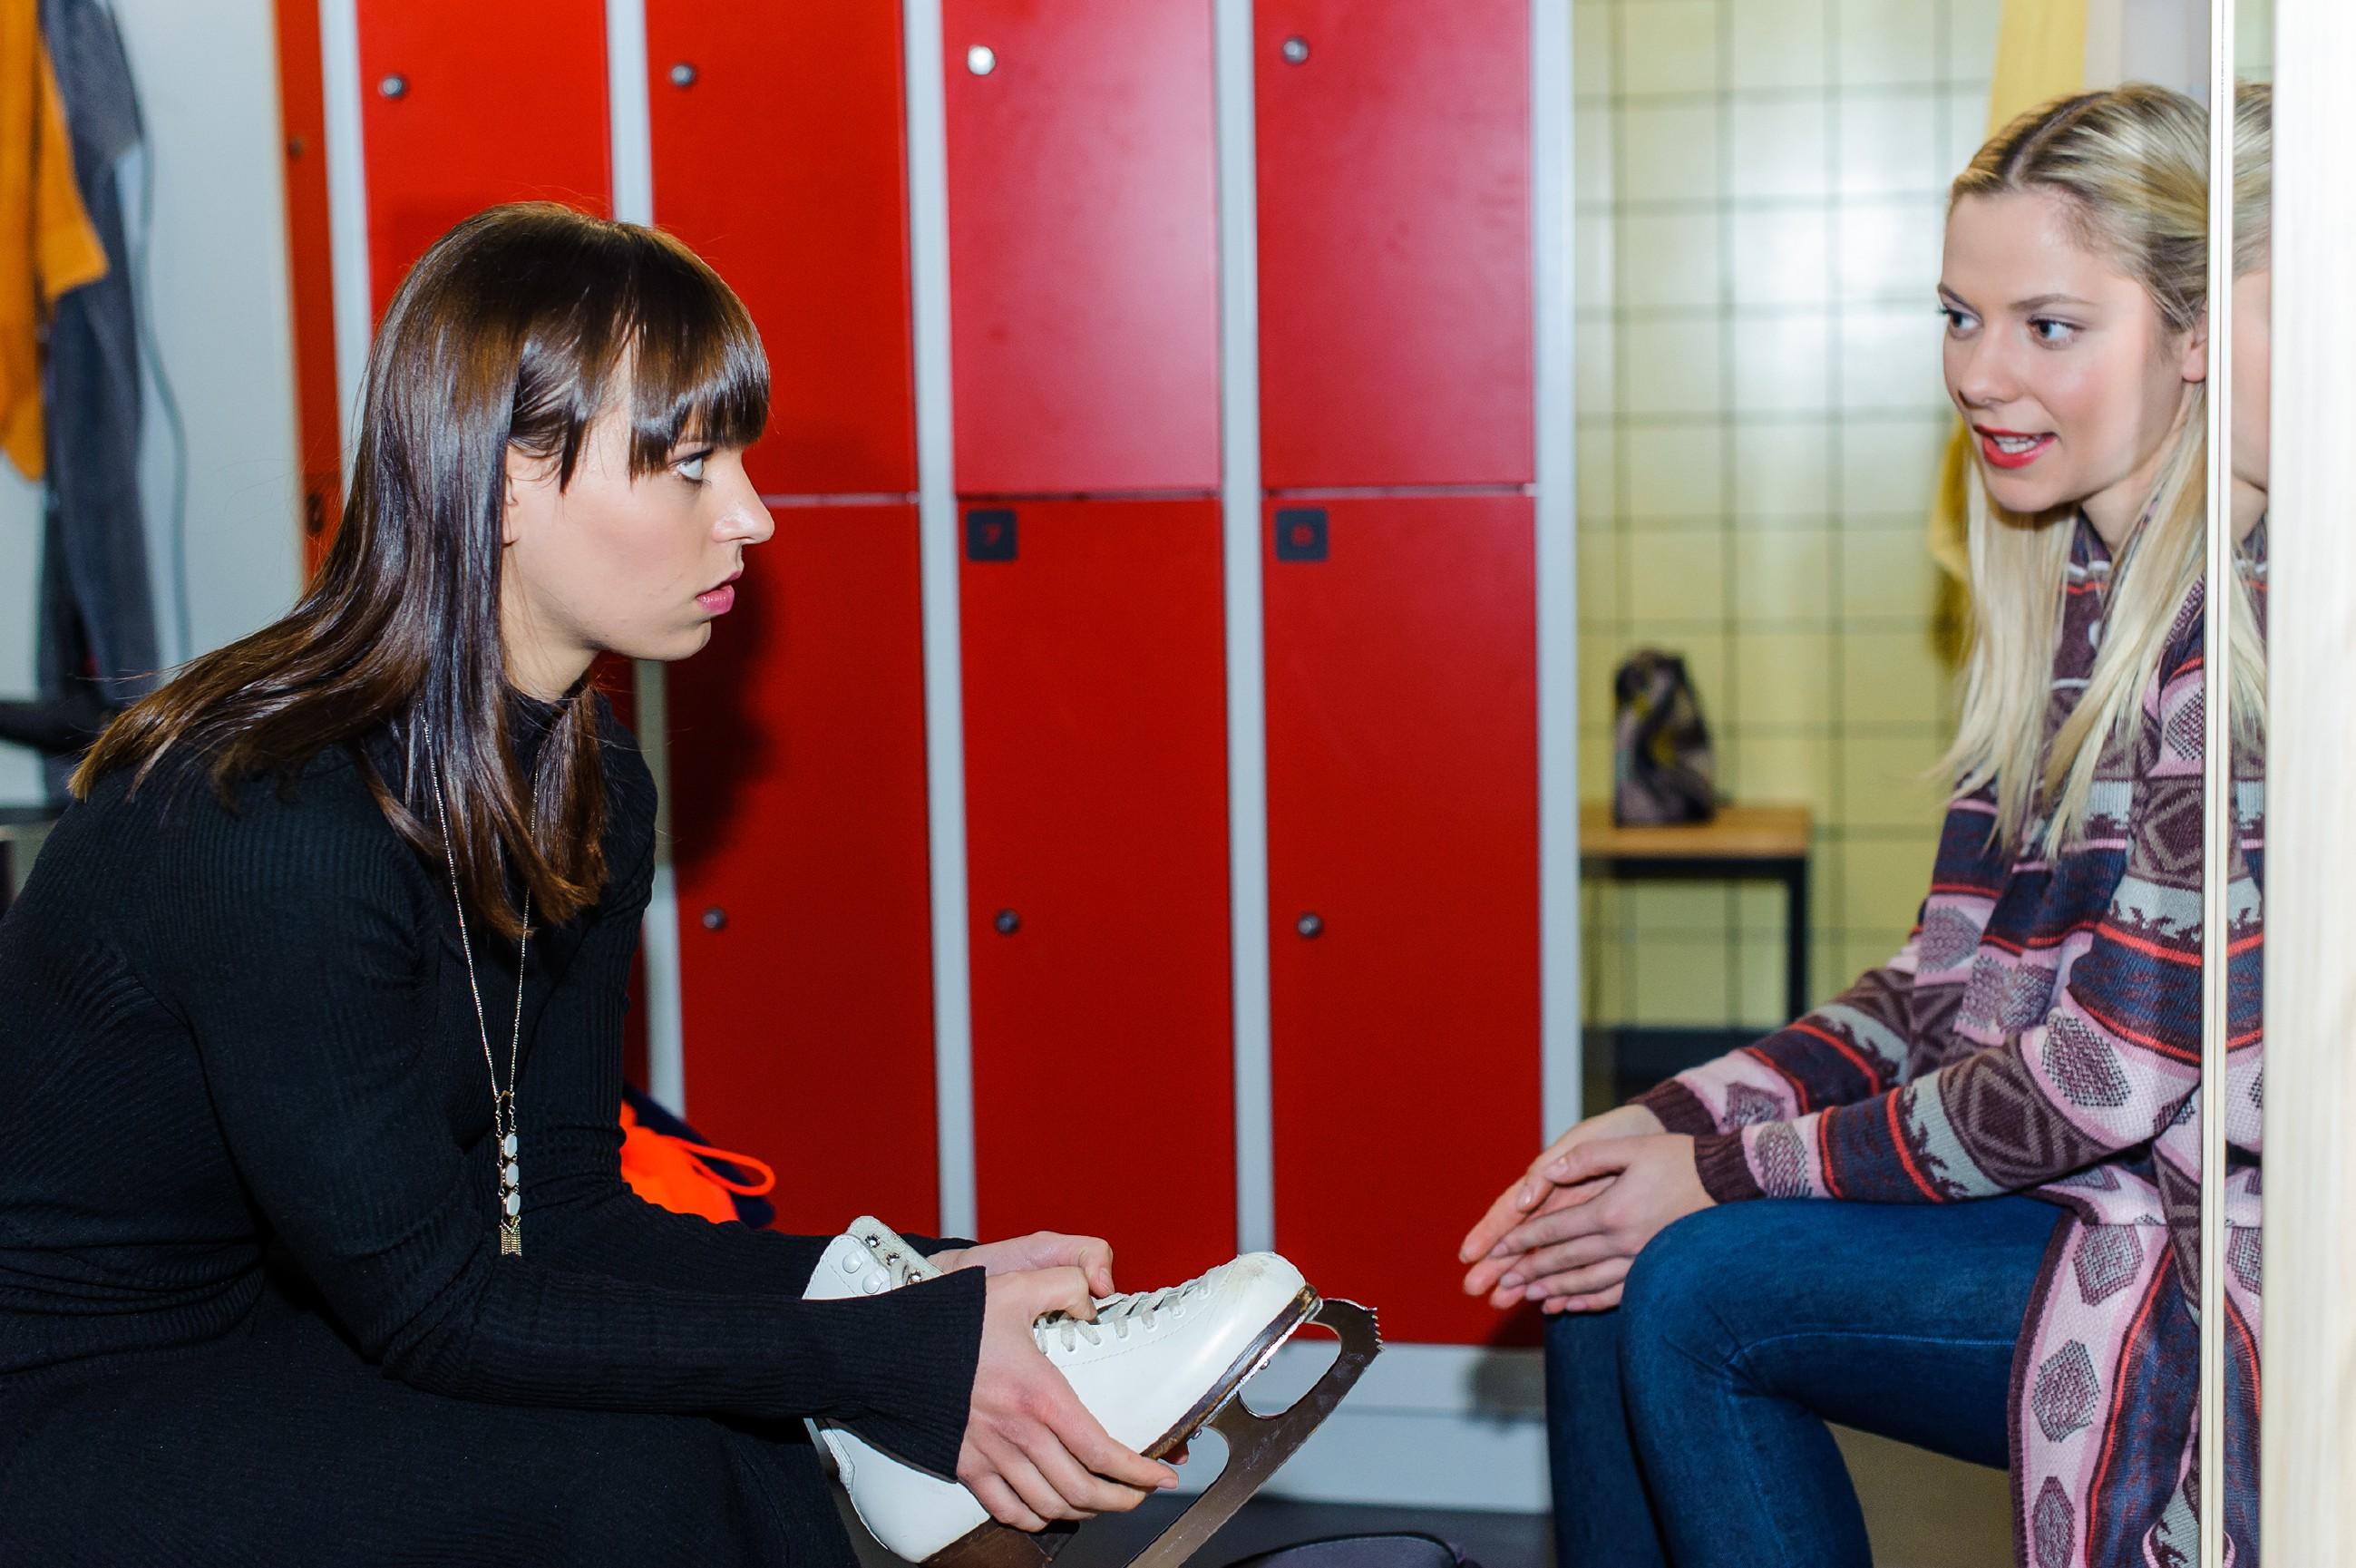 Michelle (Franziska Benz, l.) verschweigt vor Marie (Cheyenne Phade), dass sie Angst vor der Rückkehr aufs Eis hat. (Quelle: RTL / Julia Feldhagen)